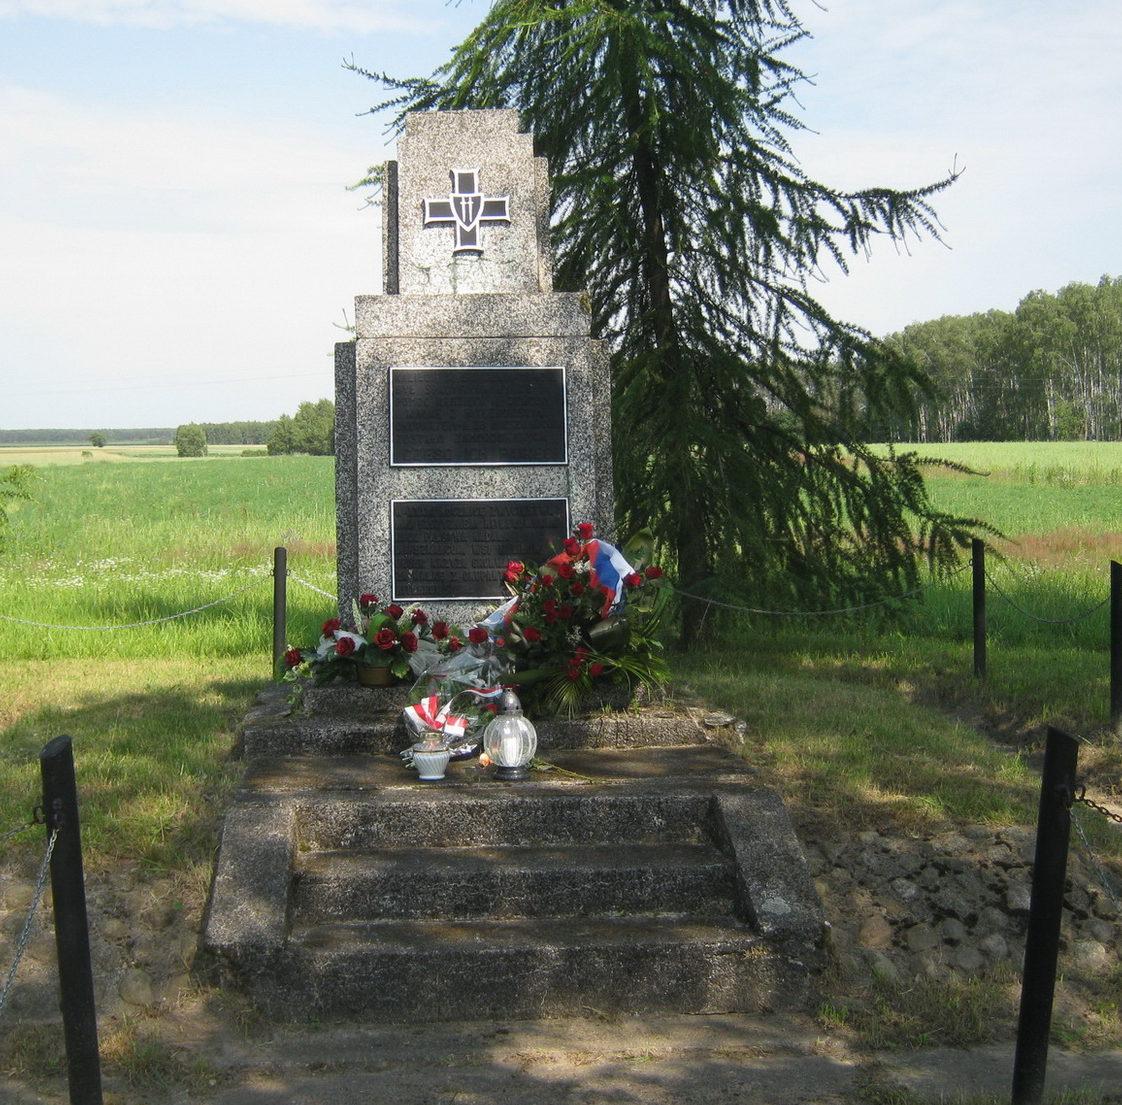 д. Калилув, гмина Бяла Подляска. Памятный знак погибшим польским гражданам в Шталаге-307.